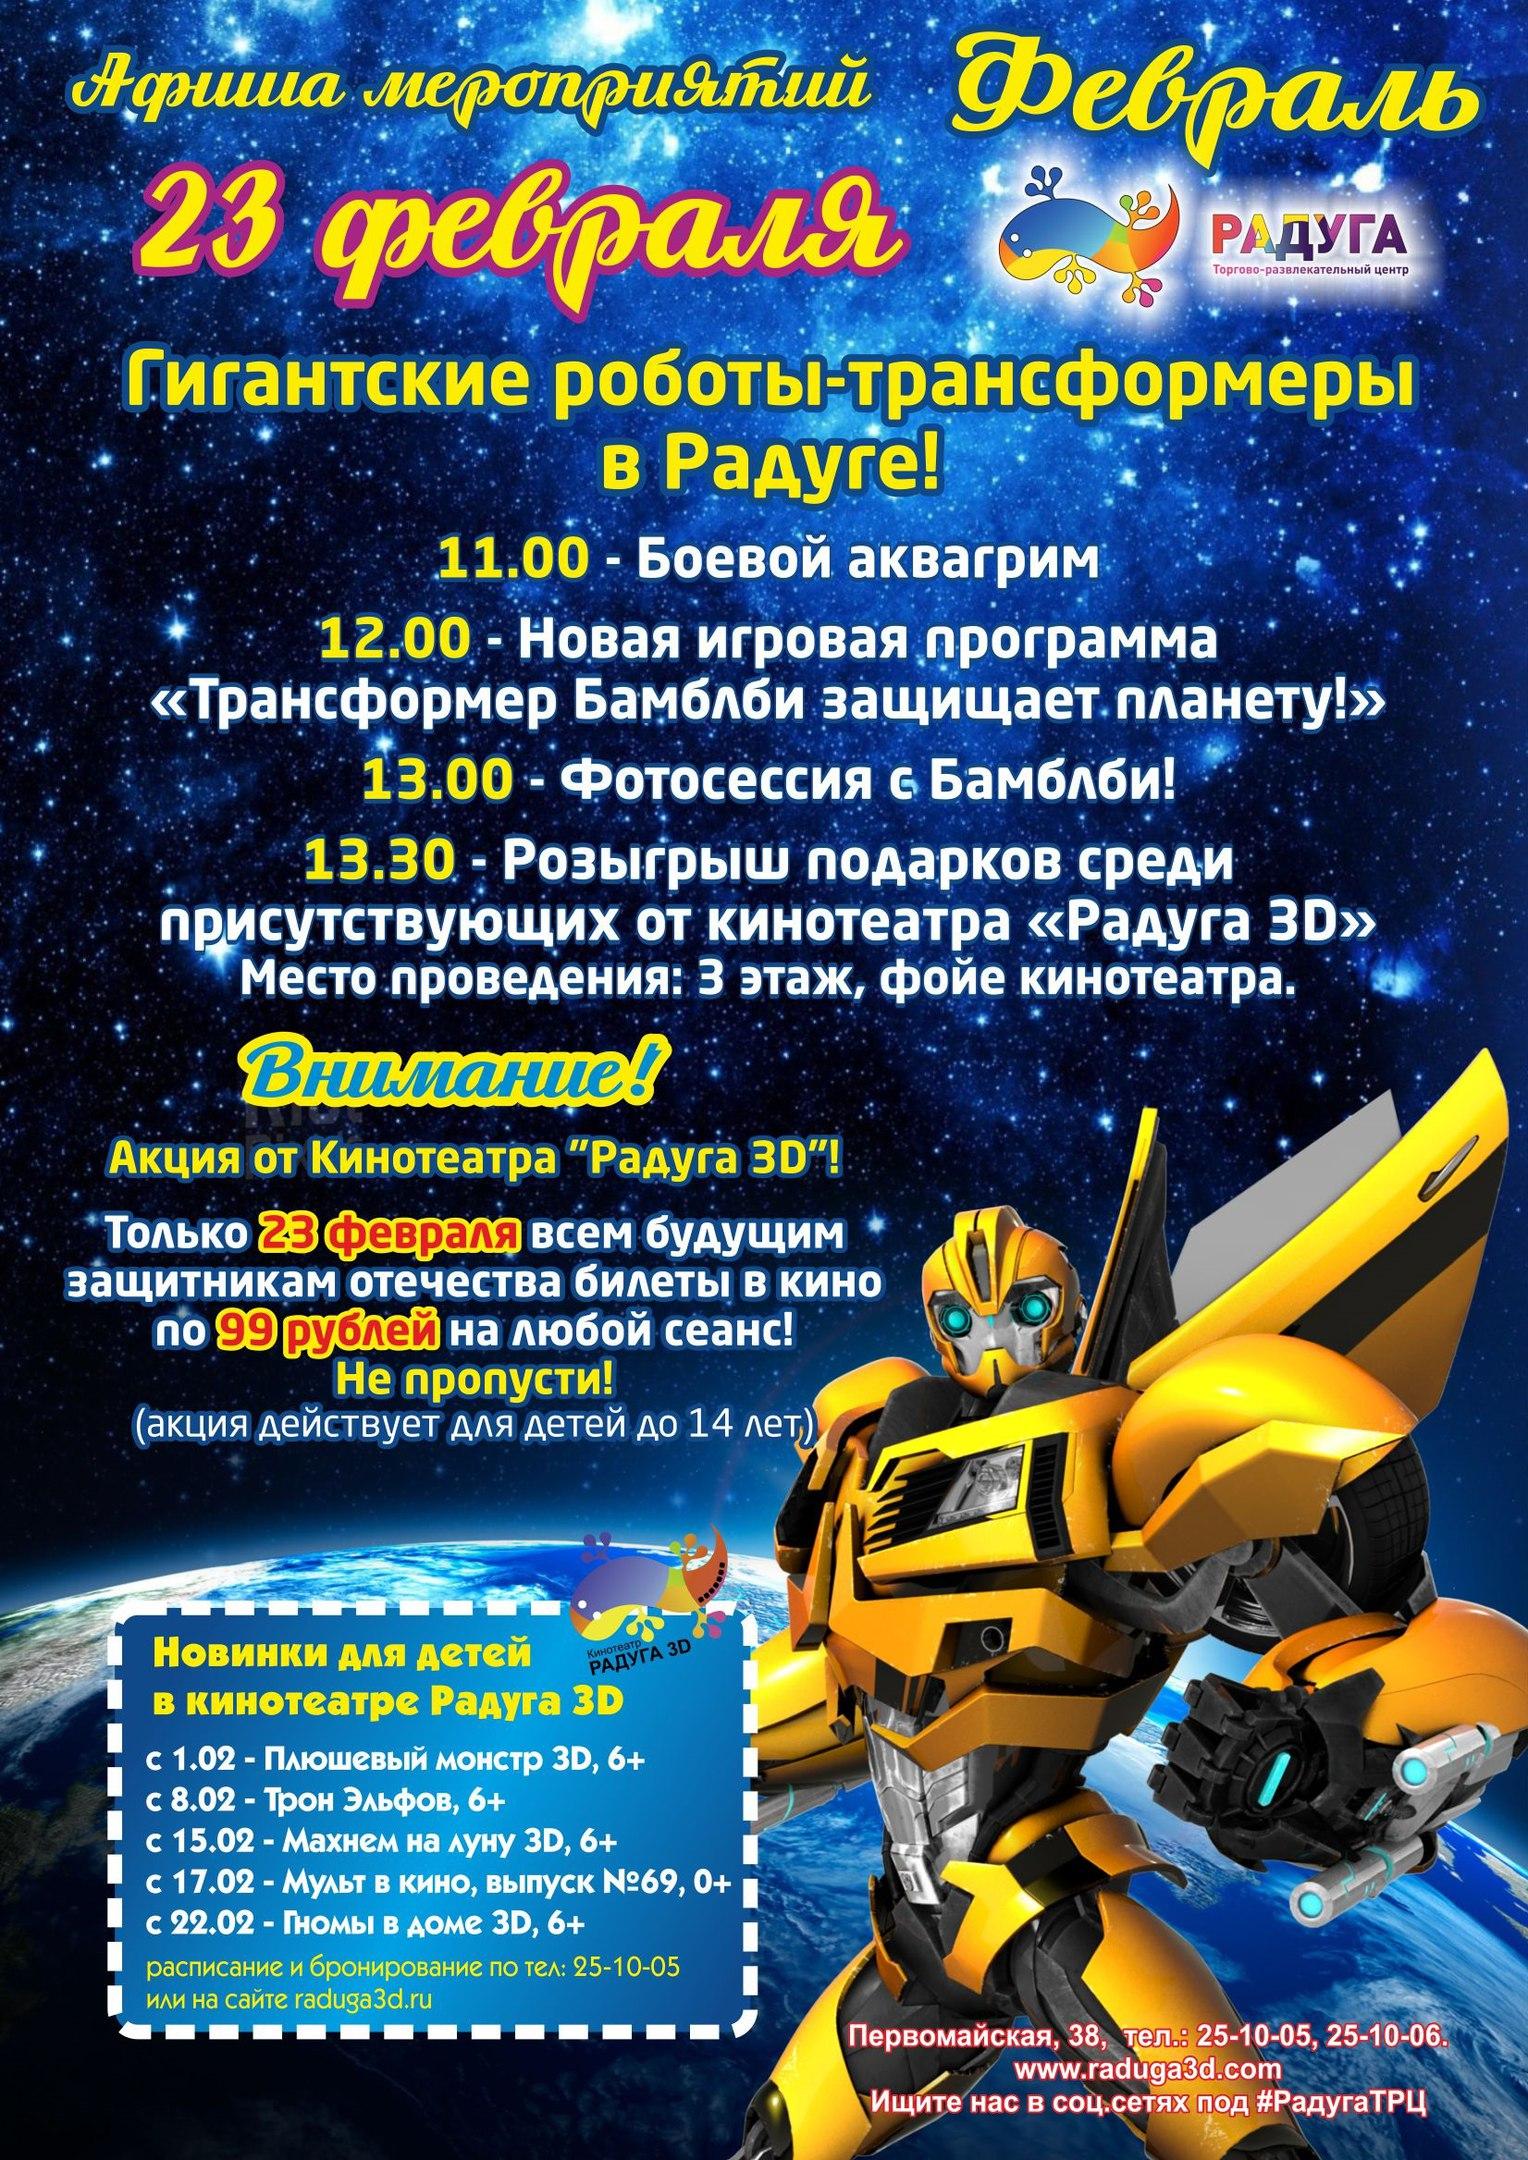 23 февраля - Гигантские роботы-трансформеры в Радуге!